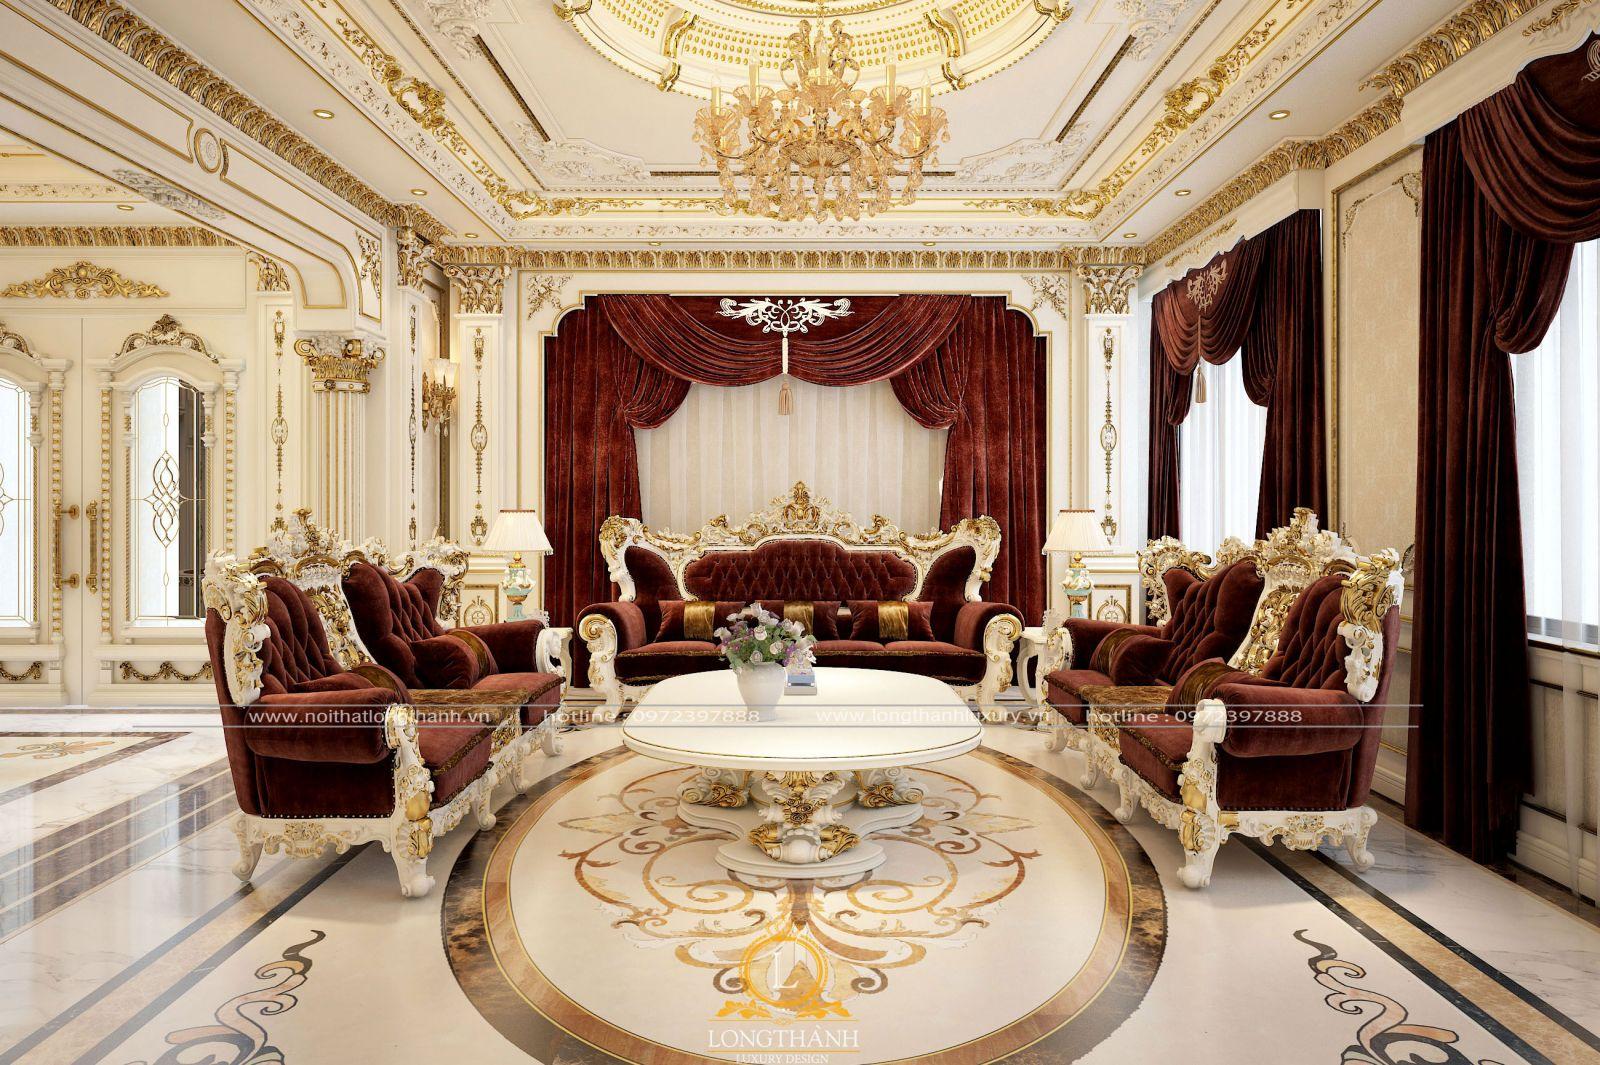 Thiết kế nhà đẹp kết hợp giữa nội thất và trần đèn